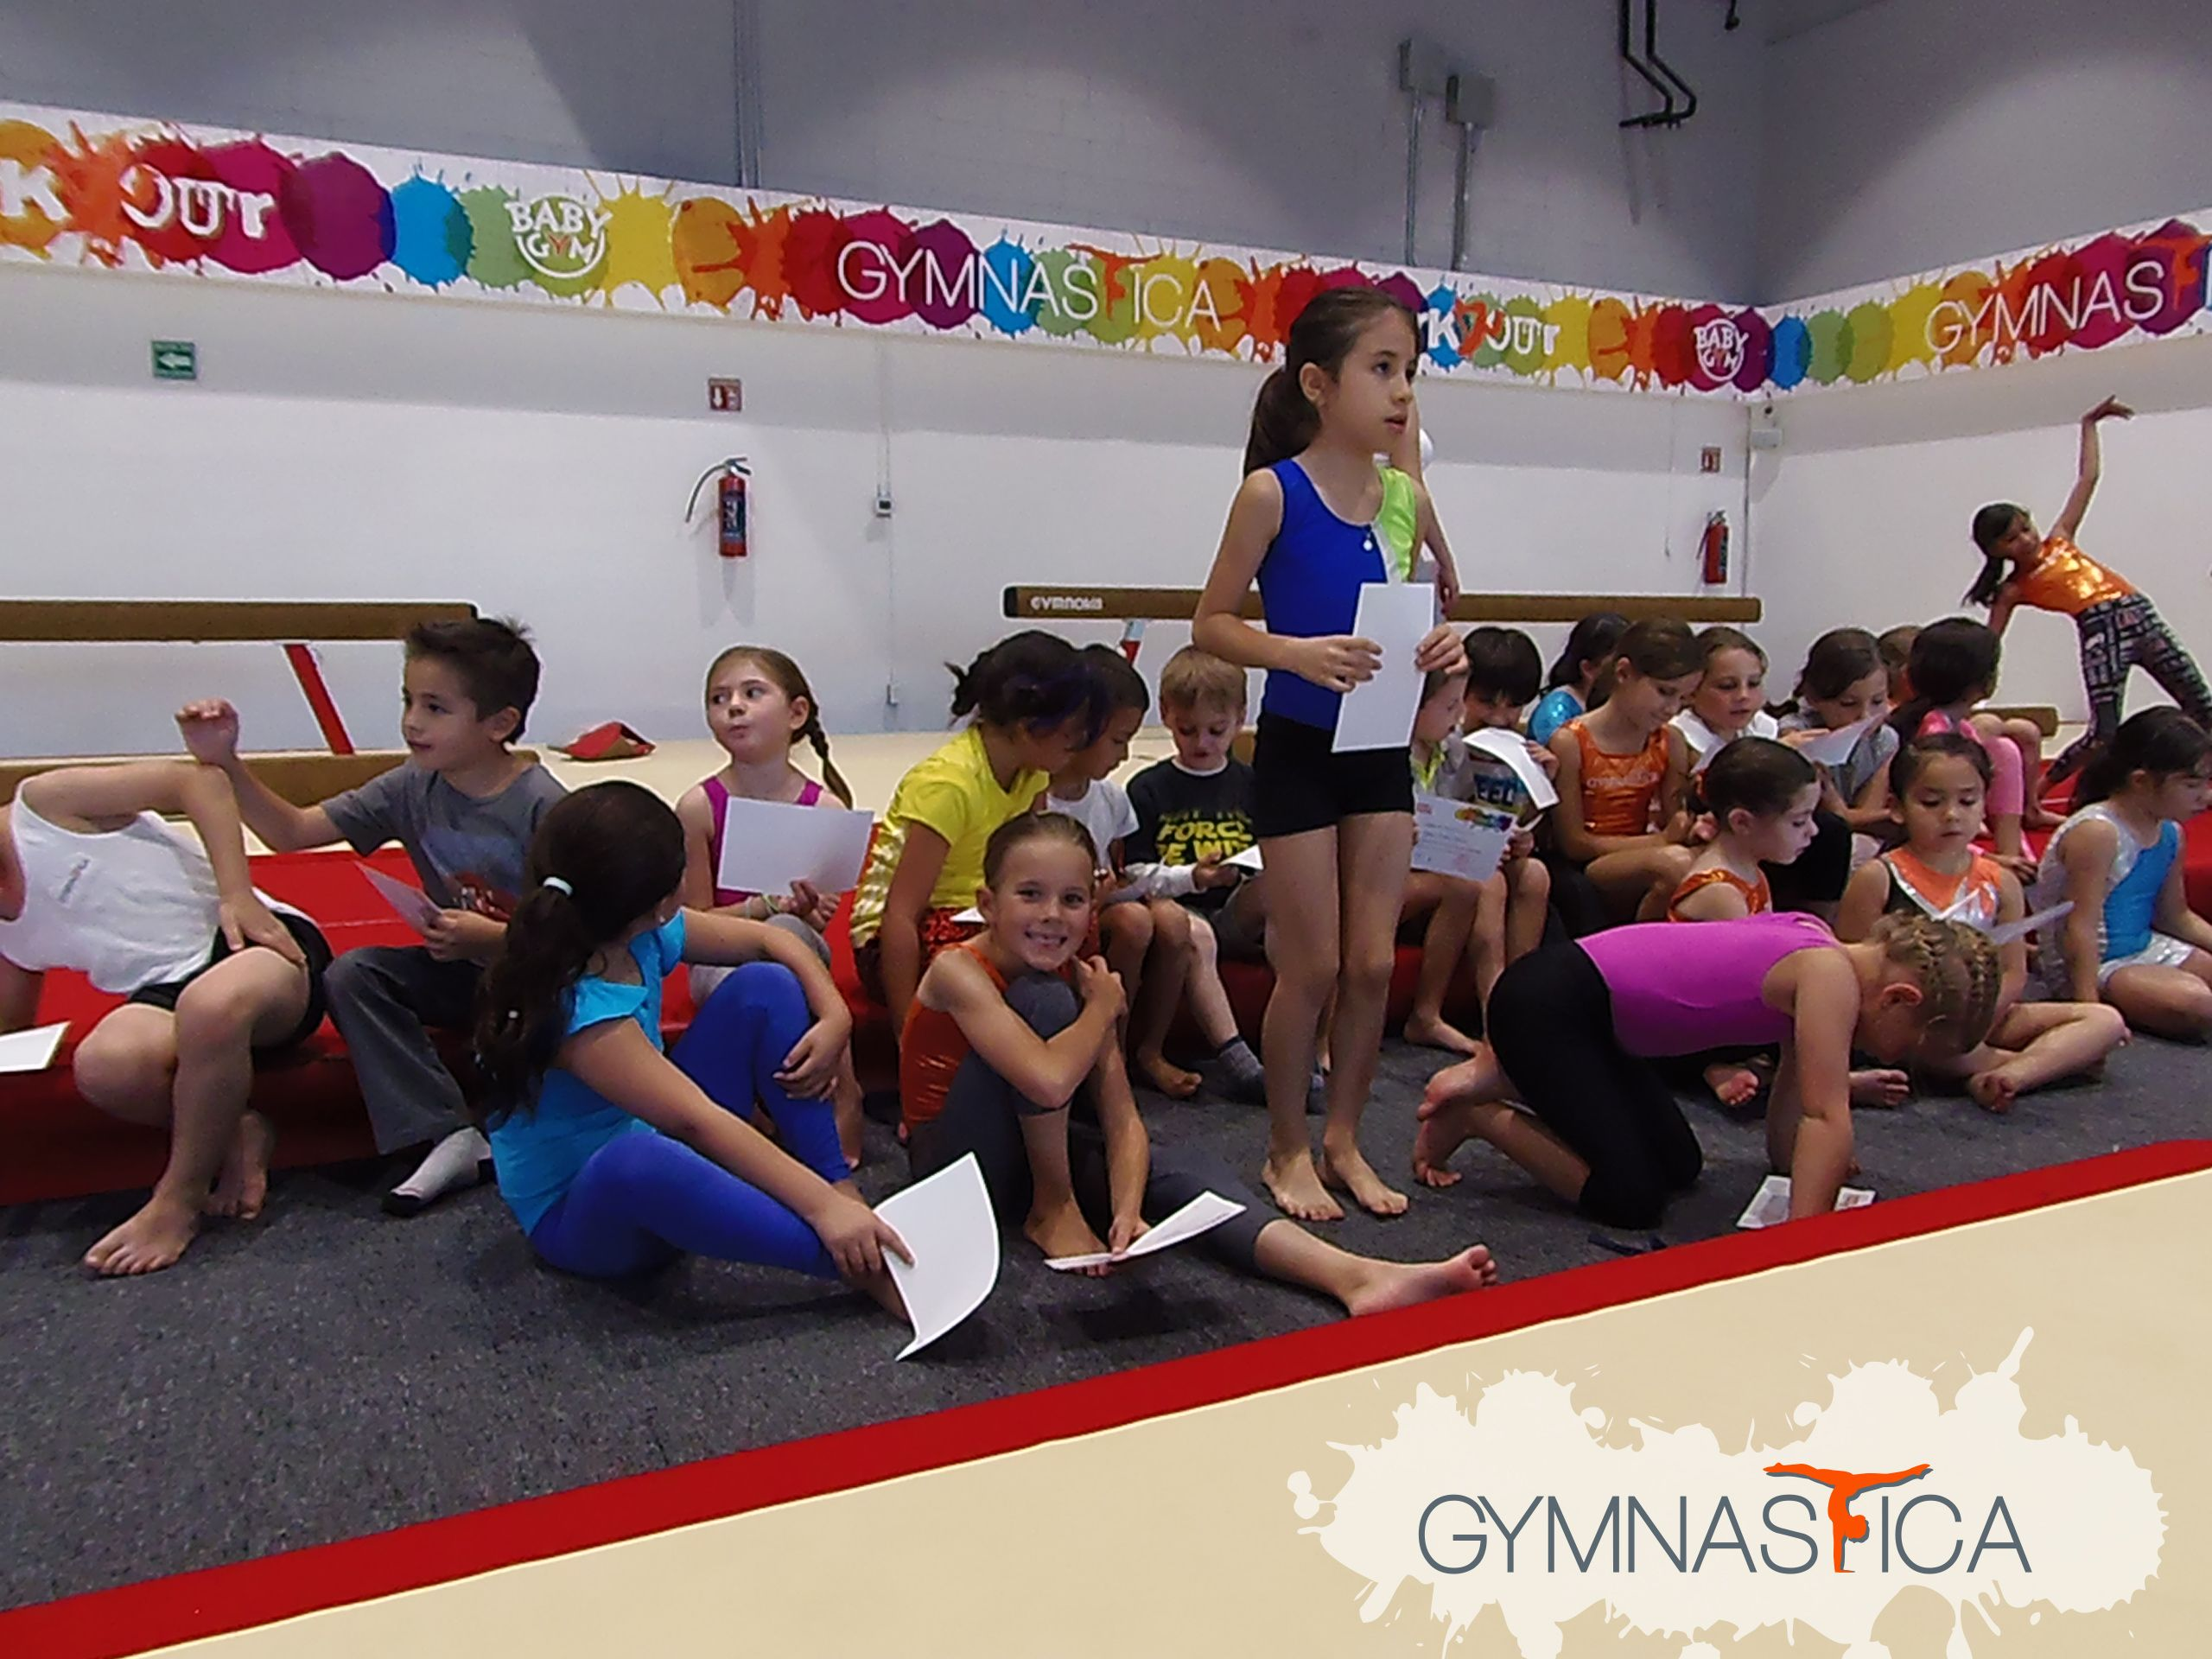 #CursoDeVerano Gymnastica #Gimnasia #Parkour #GardenSantaFe #SueñosEnMovimiento #Verano2016 Informes al 9688 9113 y 9131 6203 Mail: info@gymnastica.mx